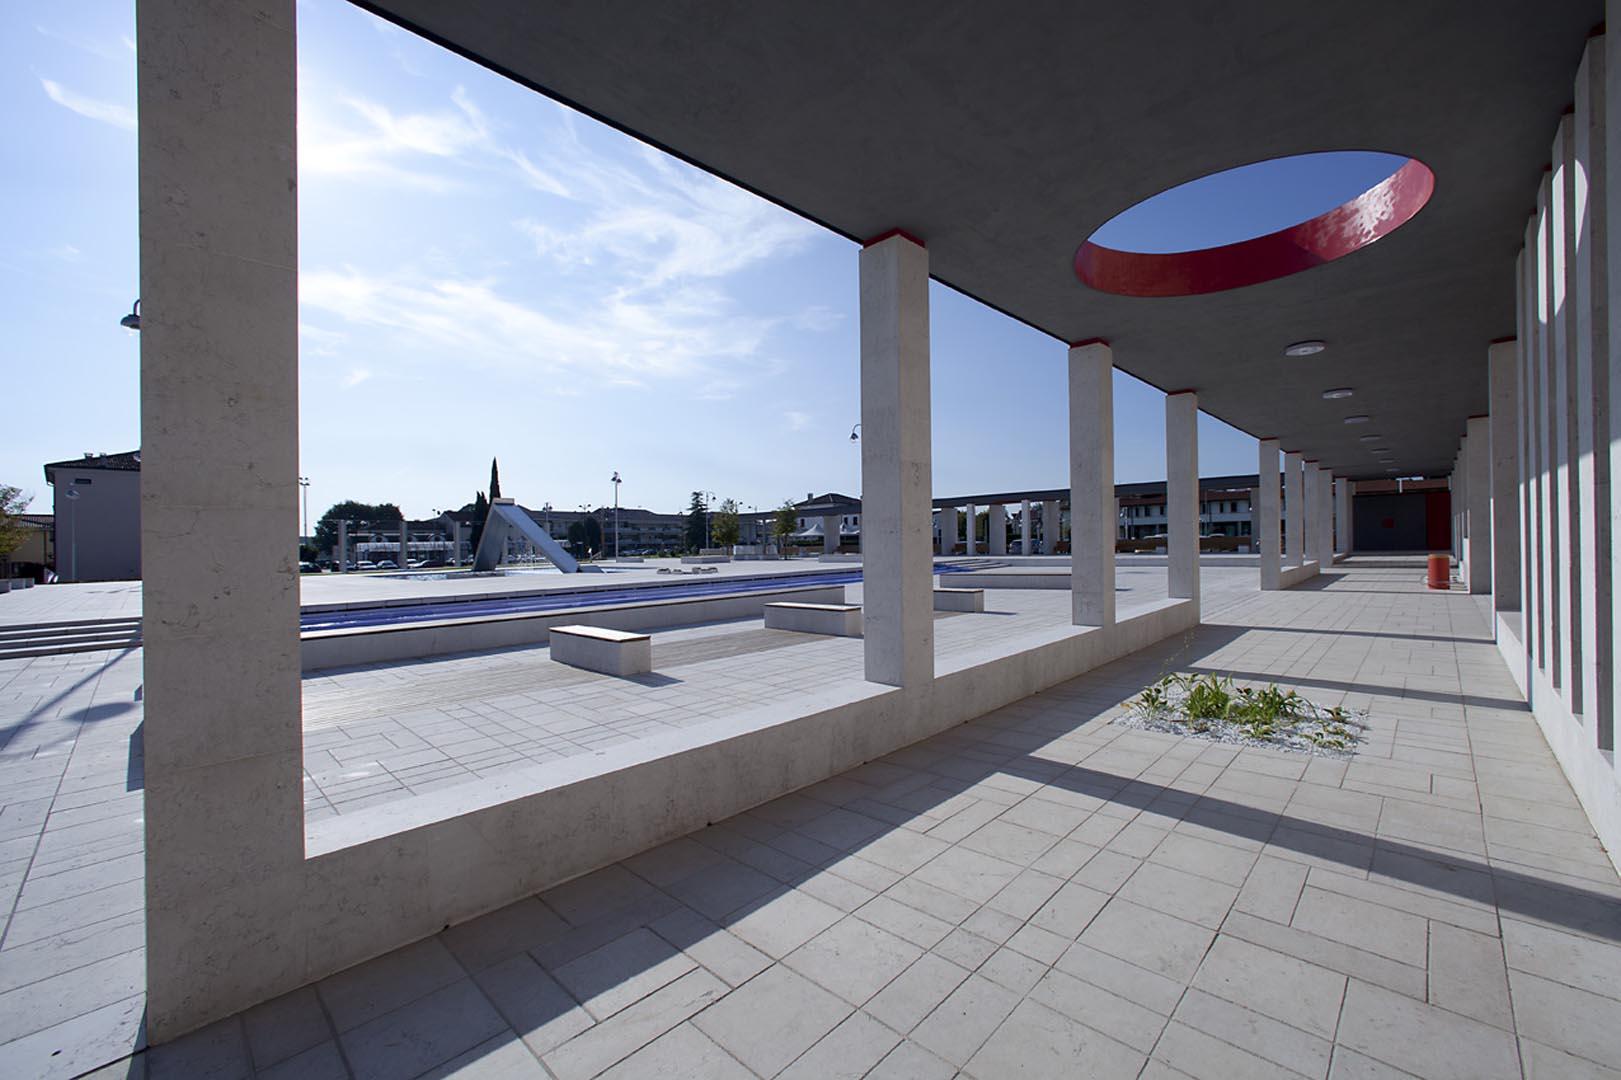 Marmo Grolla usato per rivestire i pavimenti e decorazioni a Piazza Europa di Noventa Padovana